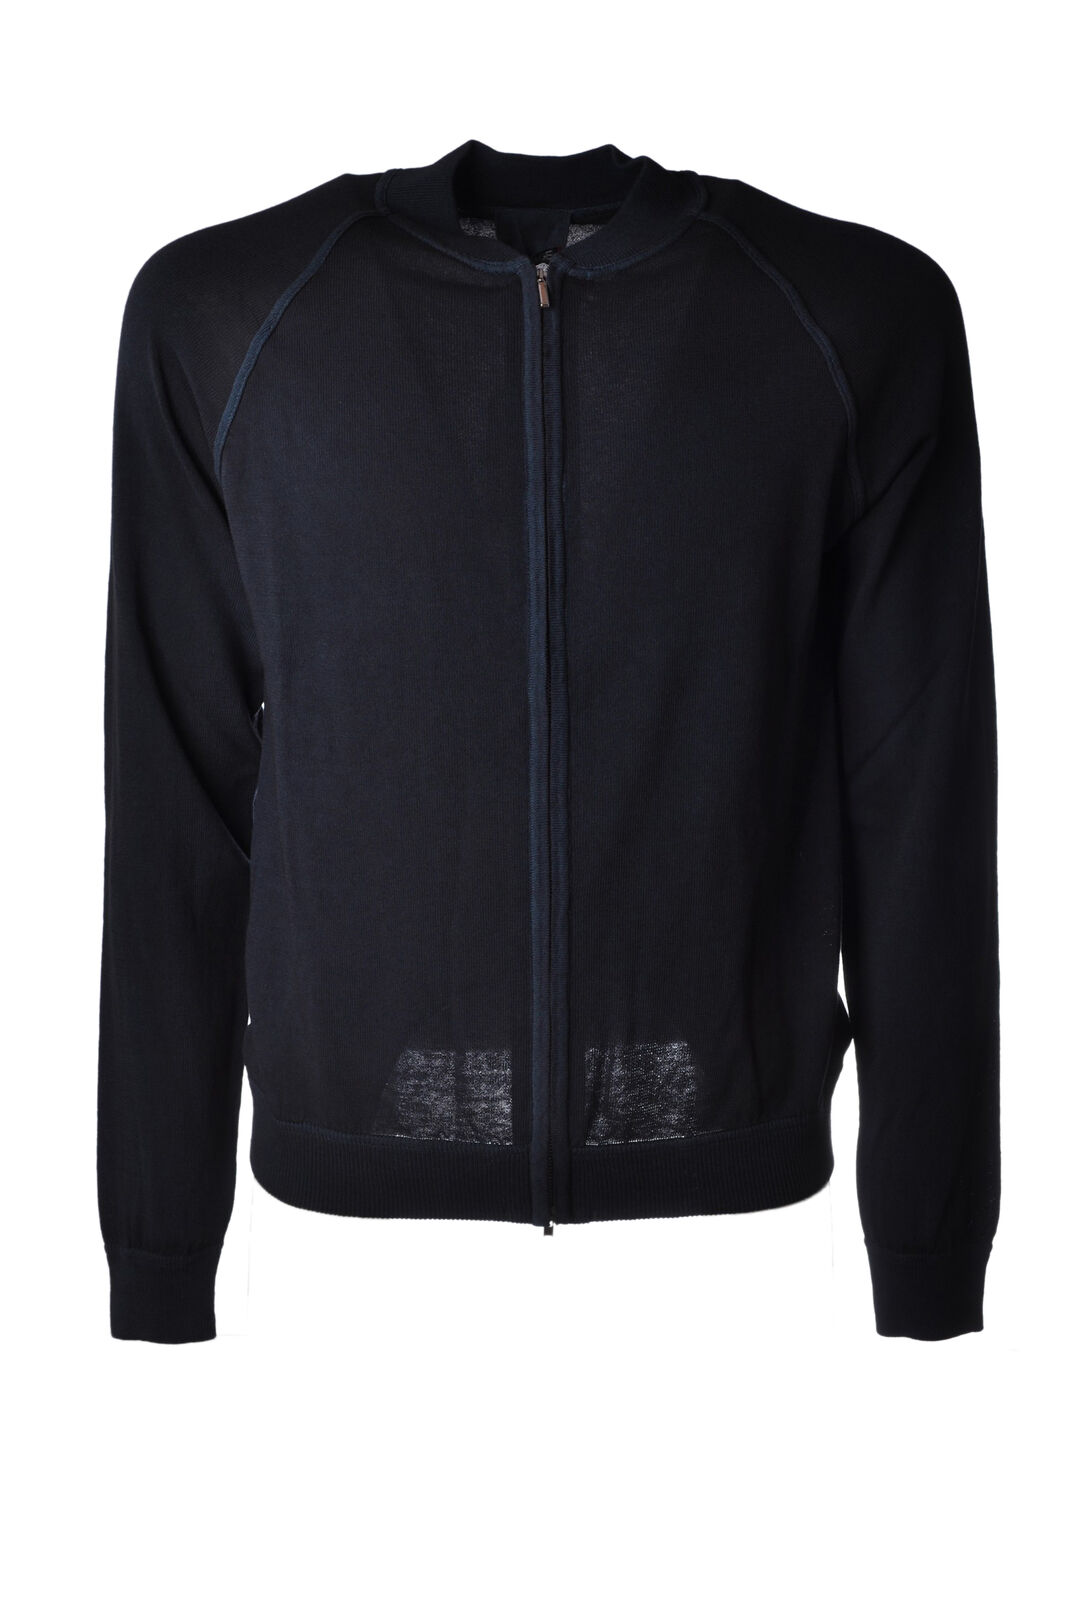 Heritage - Knitwear-Cardigan - Man - Blau - 5022415G184257